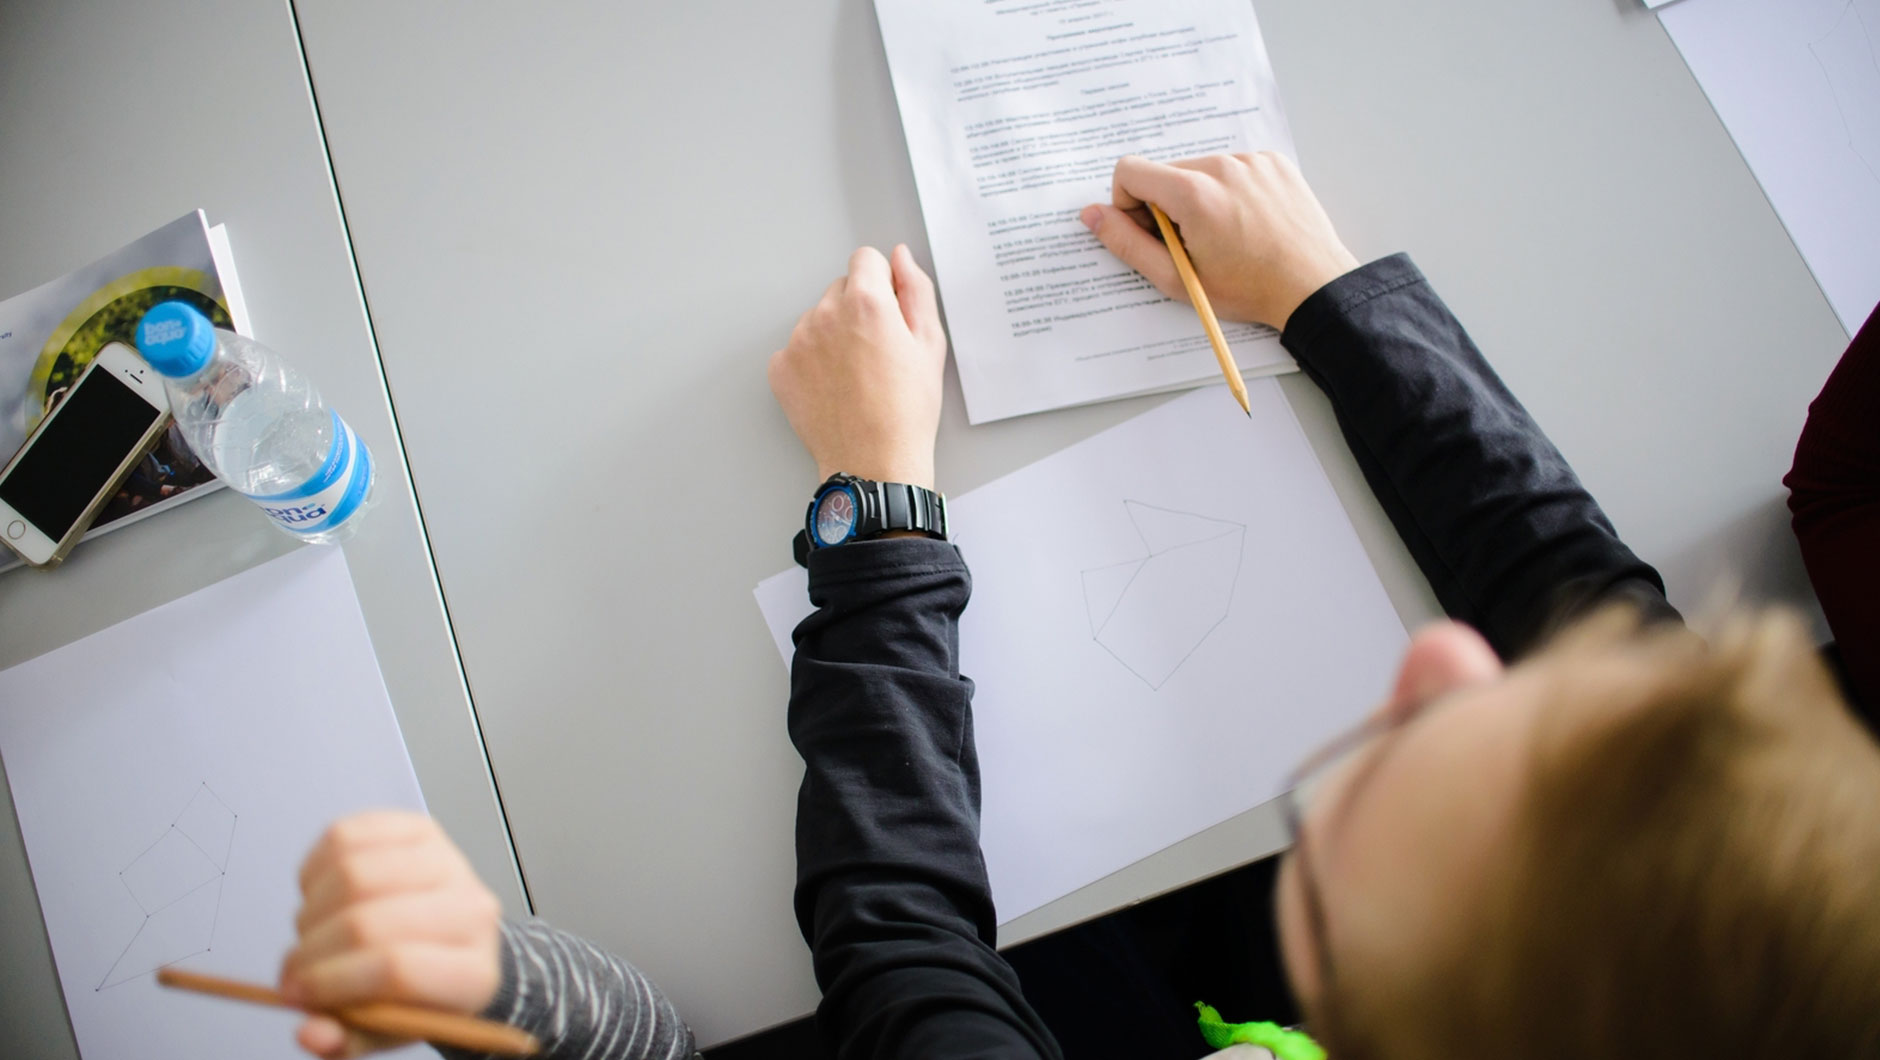 С 23 октября 2020 года школьники получили возможность проходить РТ онлайн. Поэтому оценить свои знания можно не выходя из дома